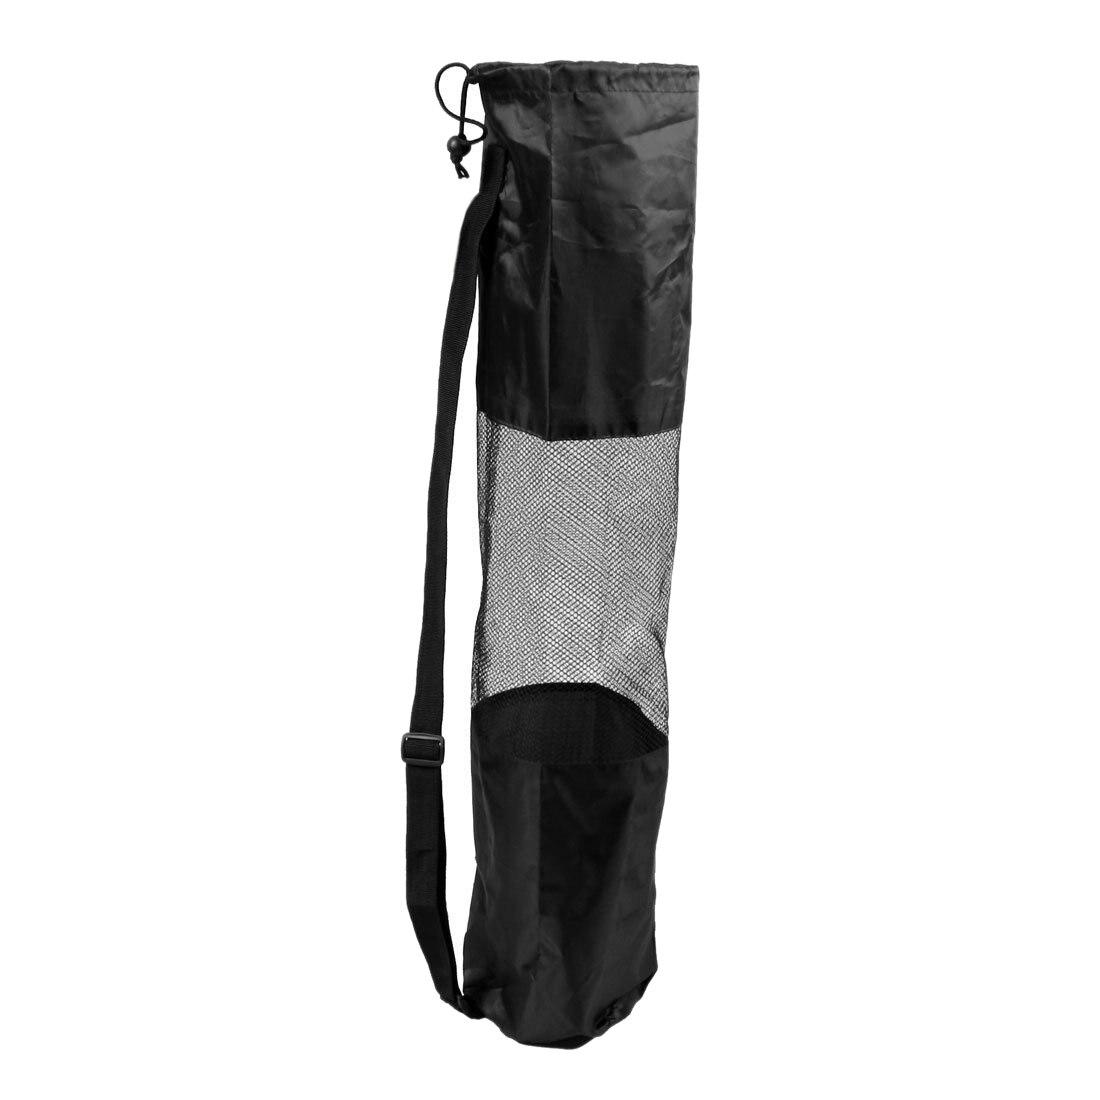 Portable Mesh Center Black Pilates Mat Bag Carrier For Yoga